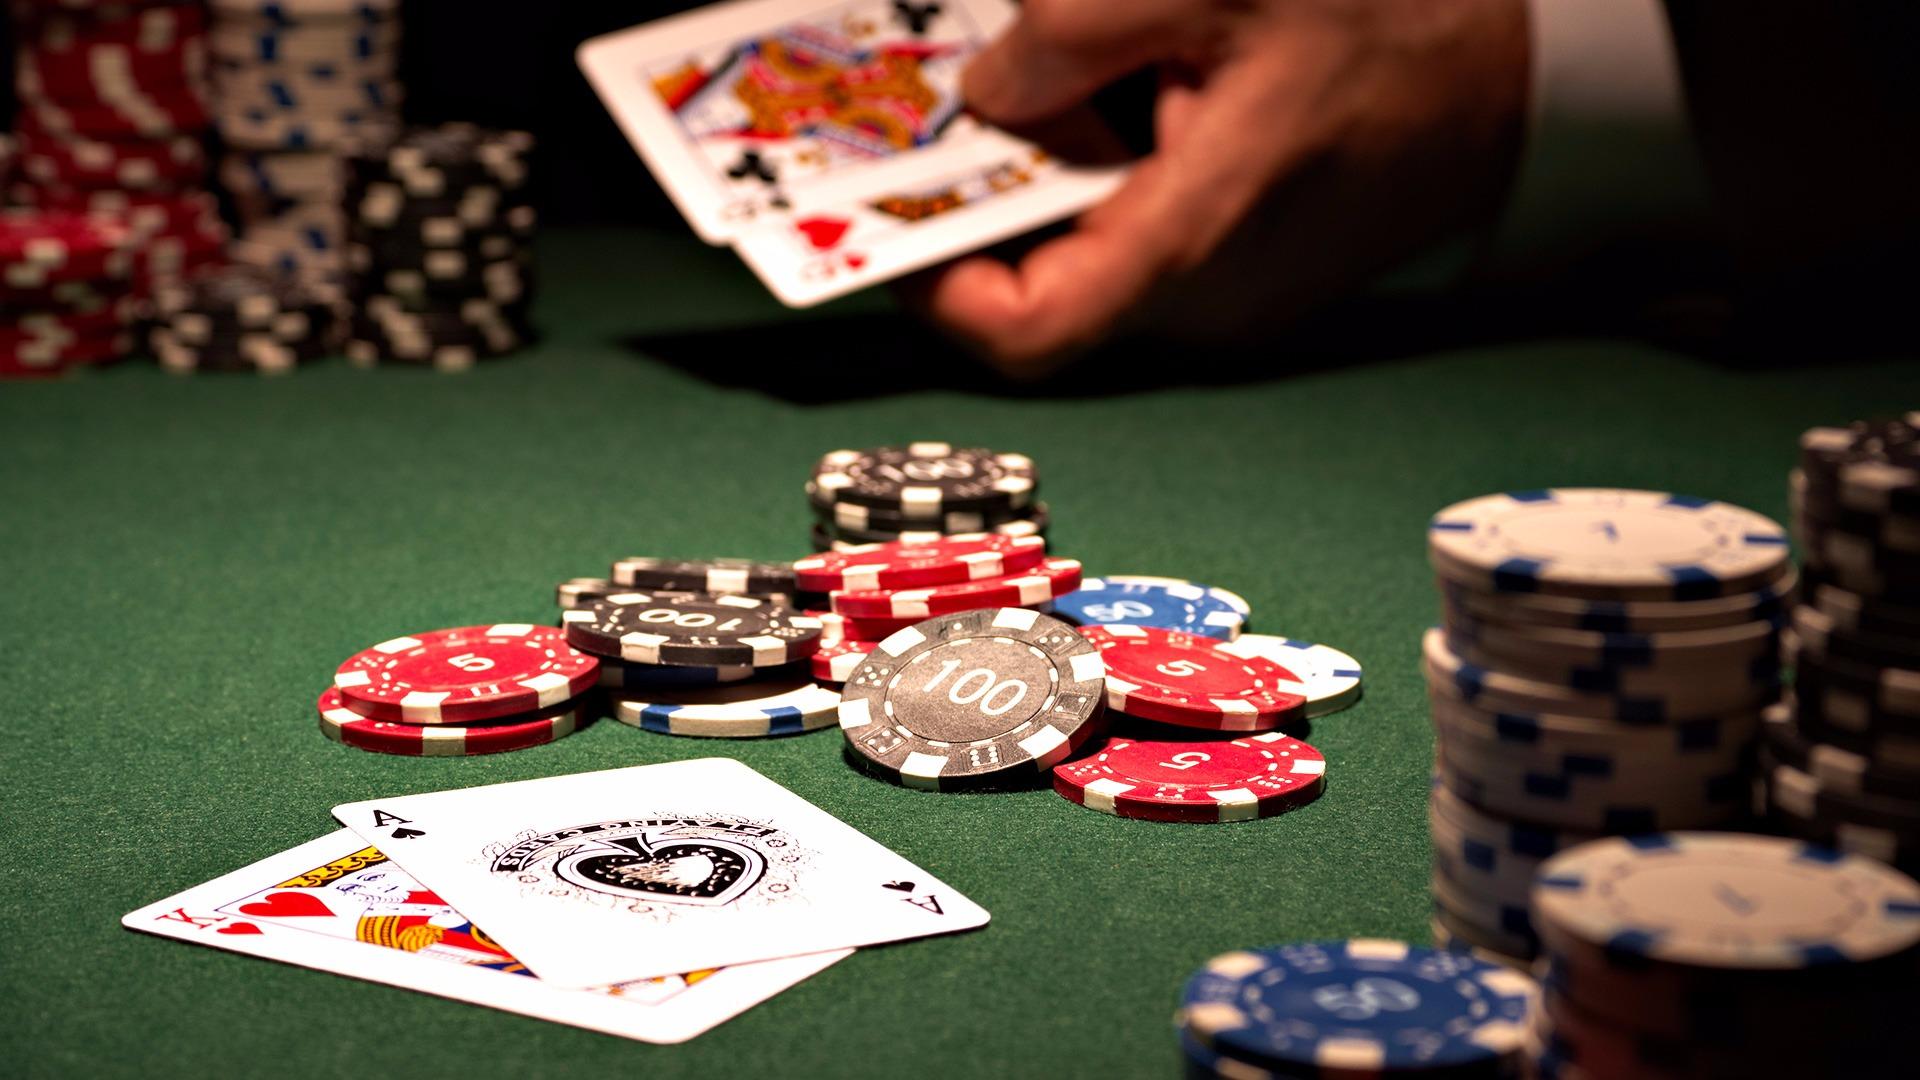 предлагаю играть в казино за мои деньги